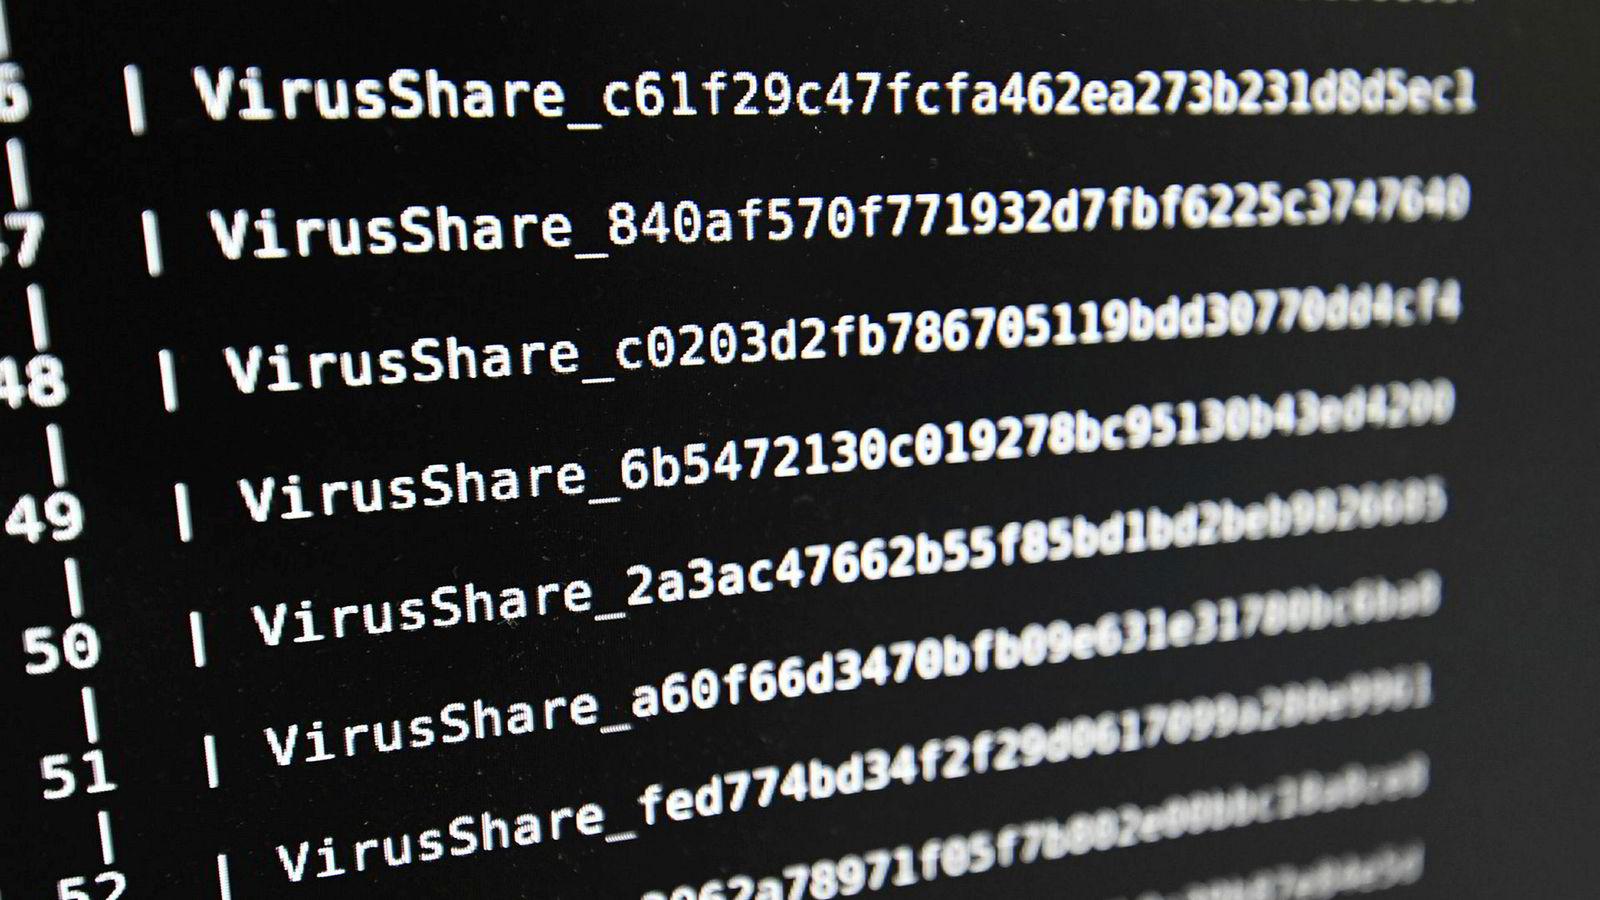 Dette bildet viser en liste over datavirus ved High Security Laboratory på National Institute for Research in Computer Science and Automation fra 2016. I juni 2017 sa en rekke selskaper, deriblant danske Møller Maersk og franske Saint-Gobain, at de var blitt hacket av et datavirus.